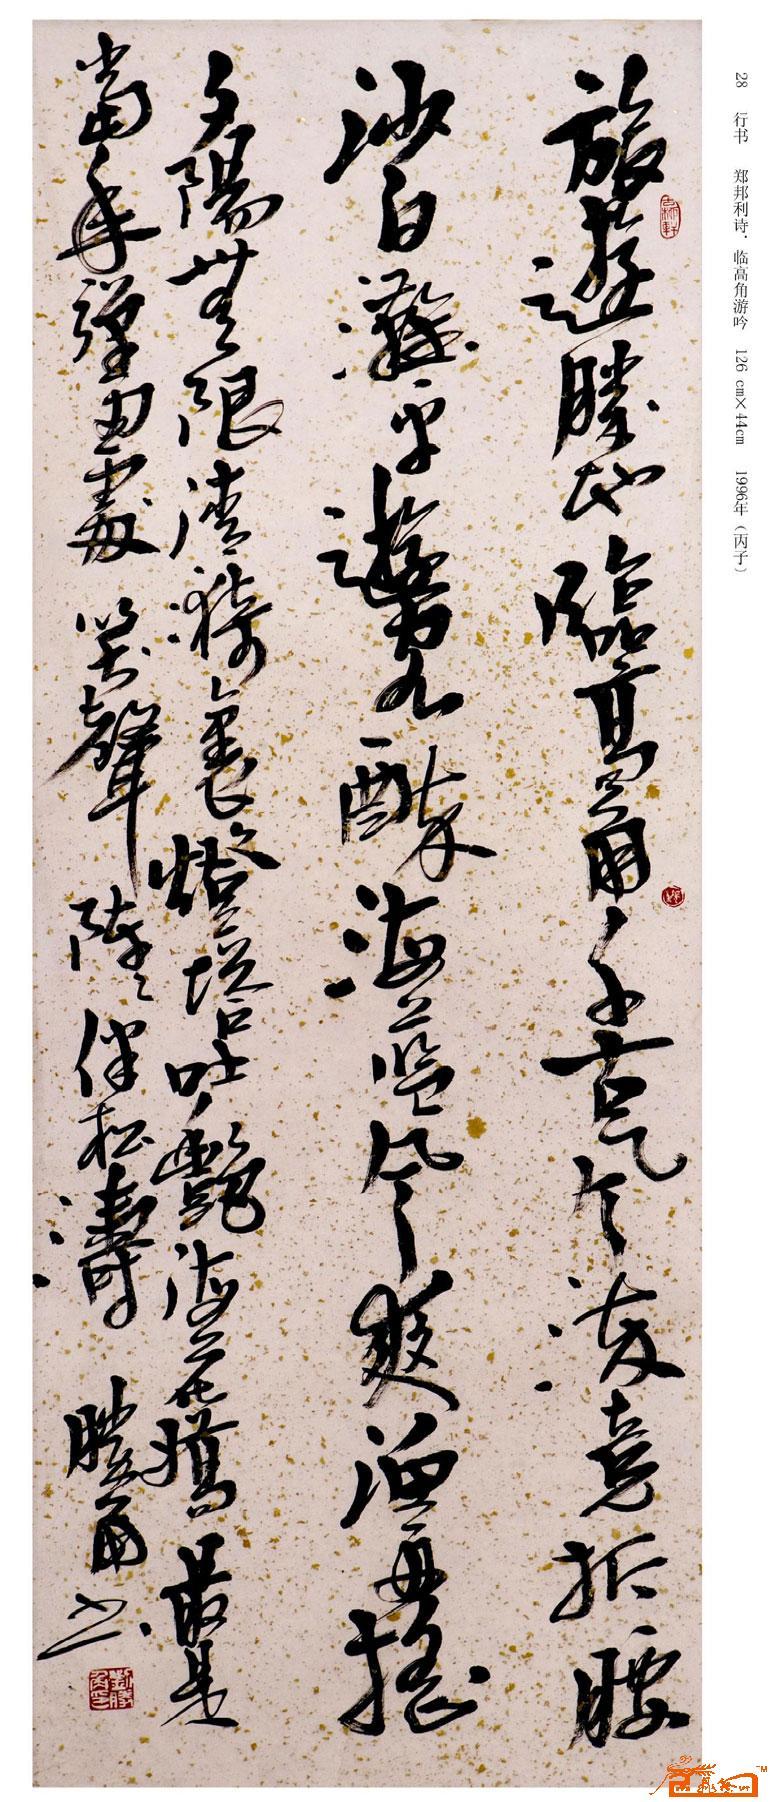 品28 淘宝 名人字画 中国书画交易中心 中国书画销售中心 中国书画拍